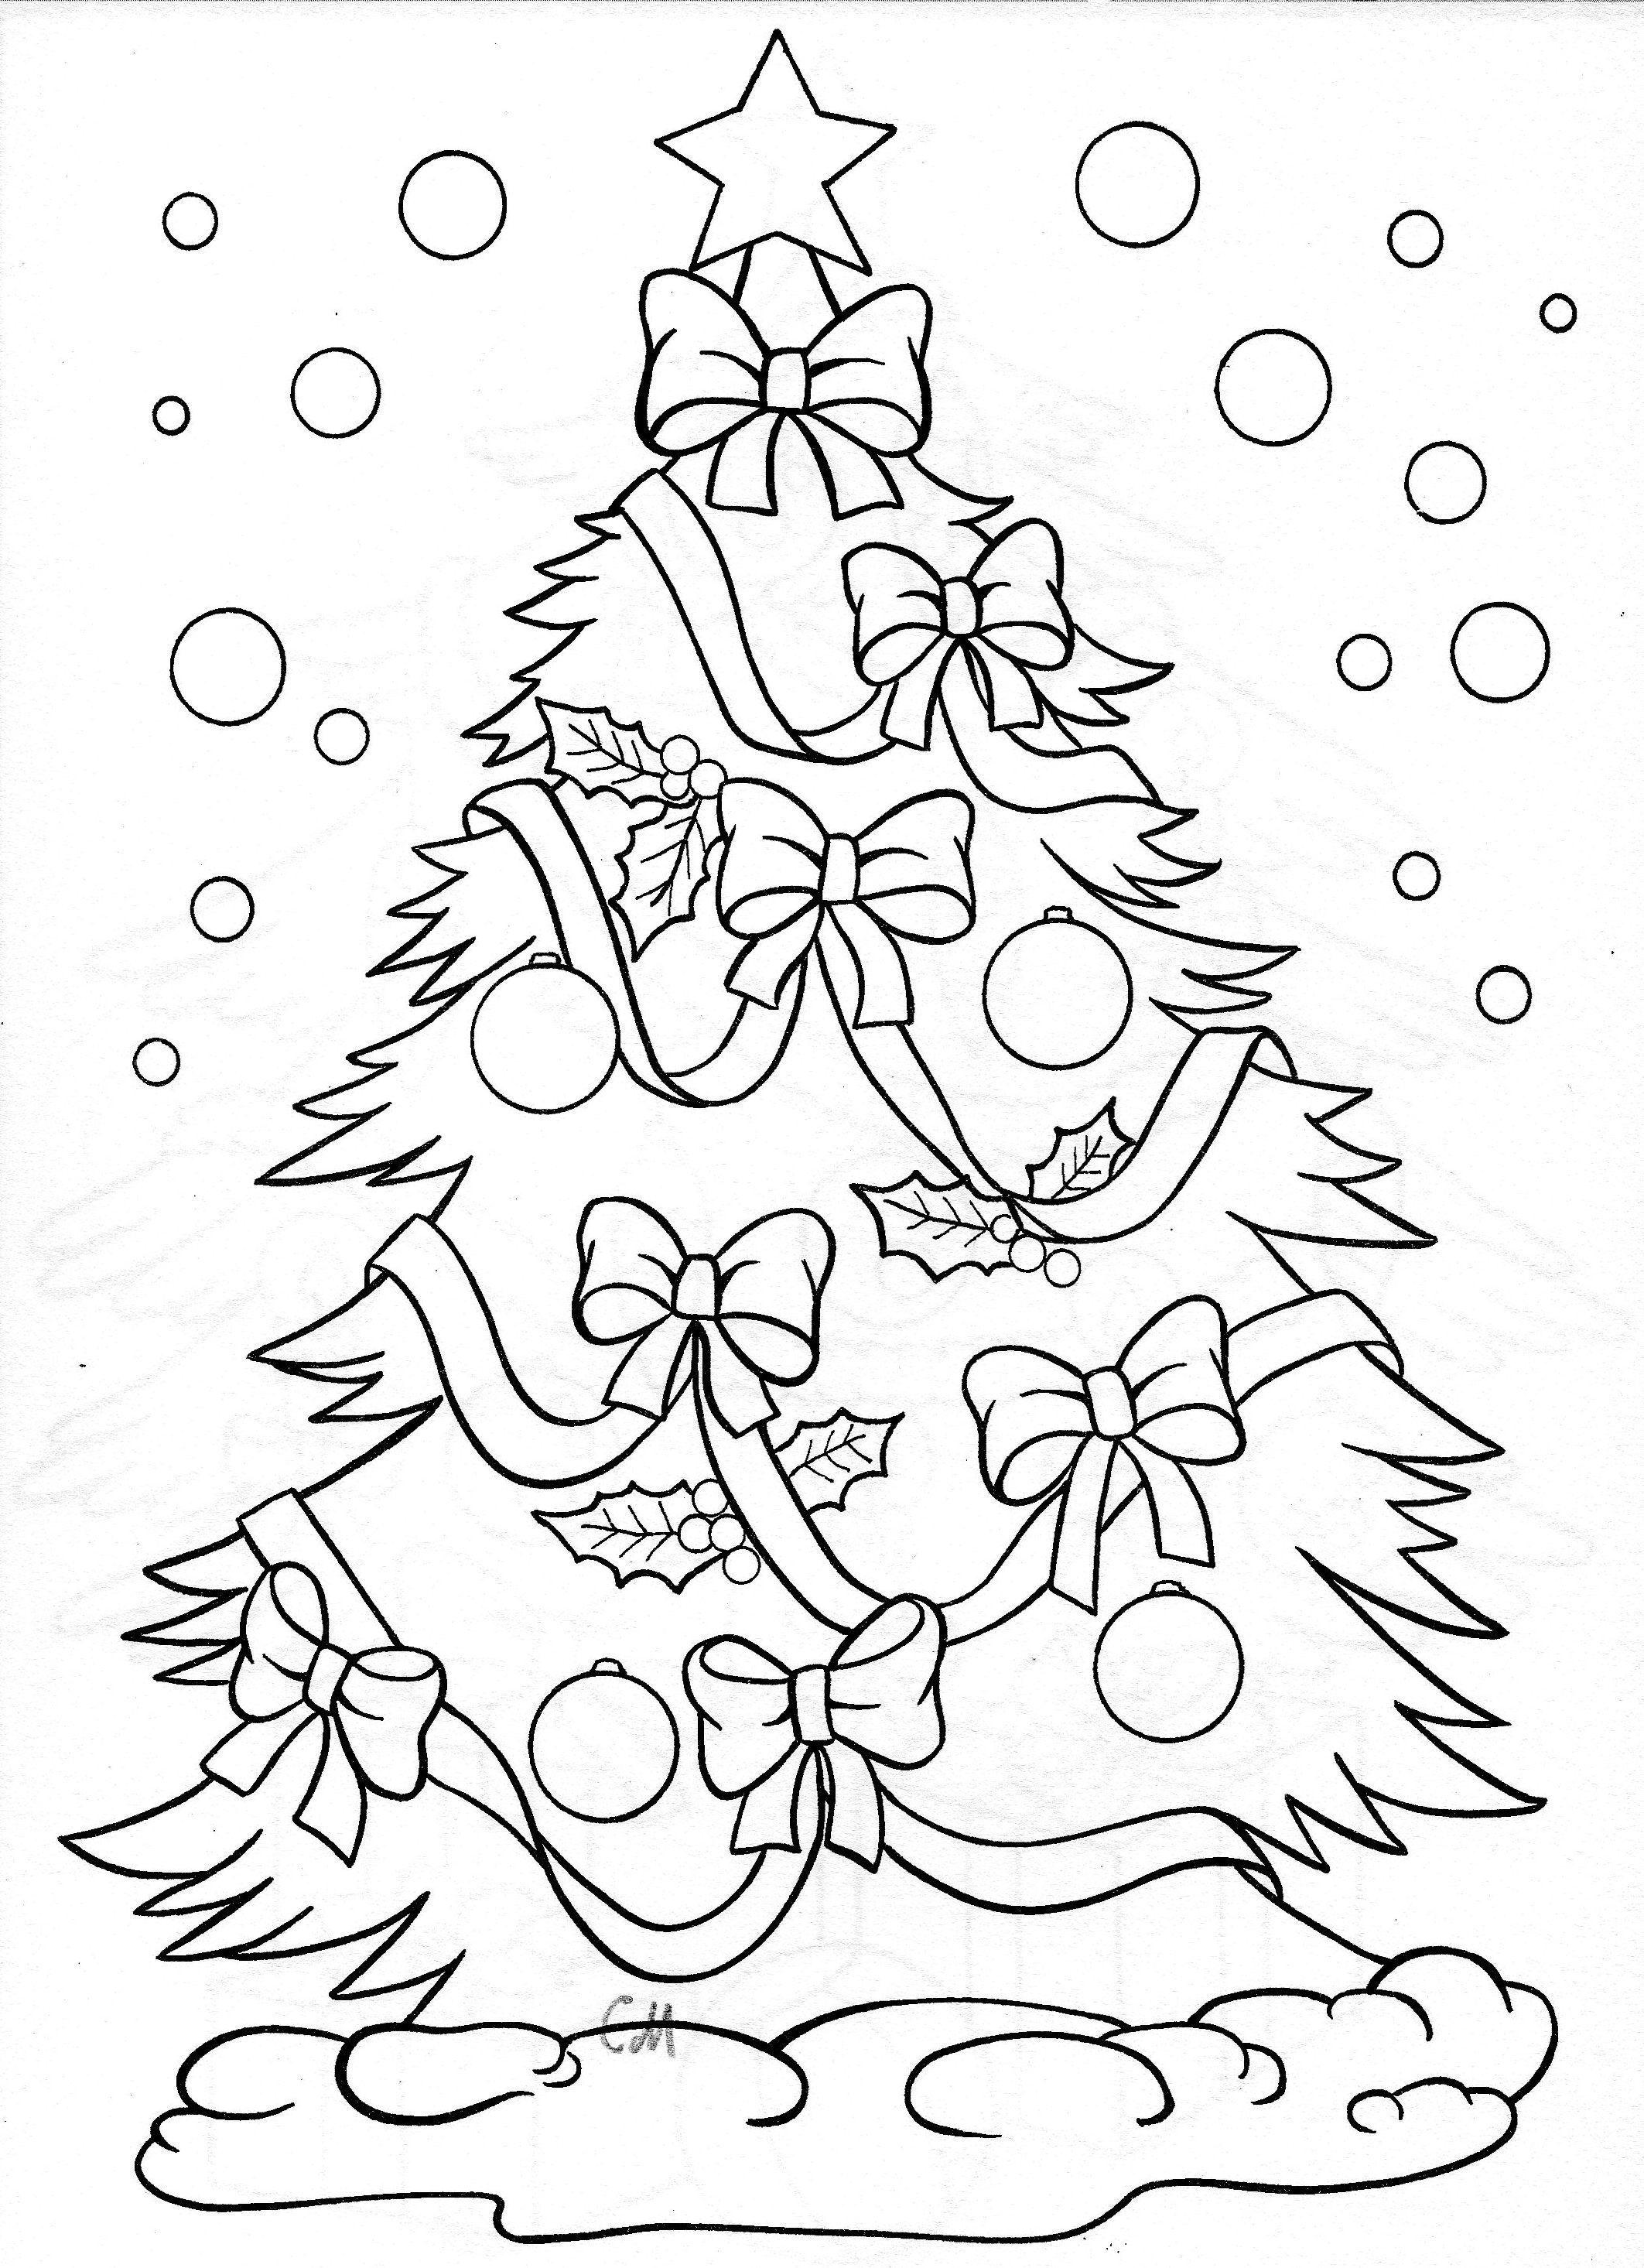 christmas tree coloring page ausmalbilder kinder pinterest suchen durchsuchen 20